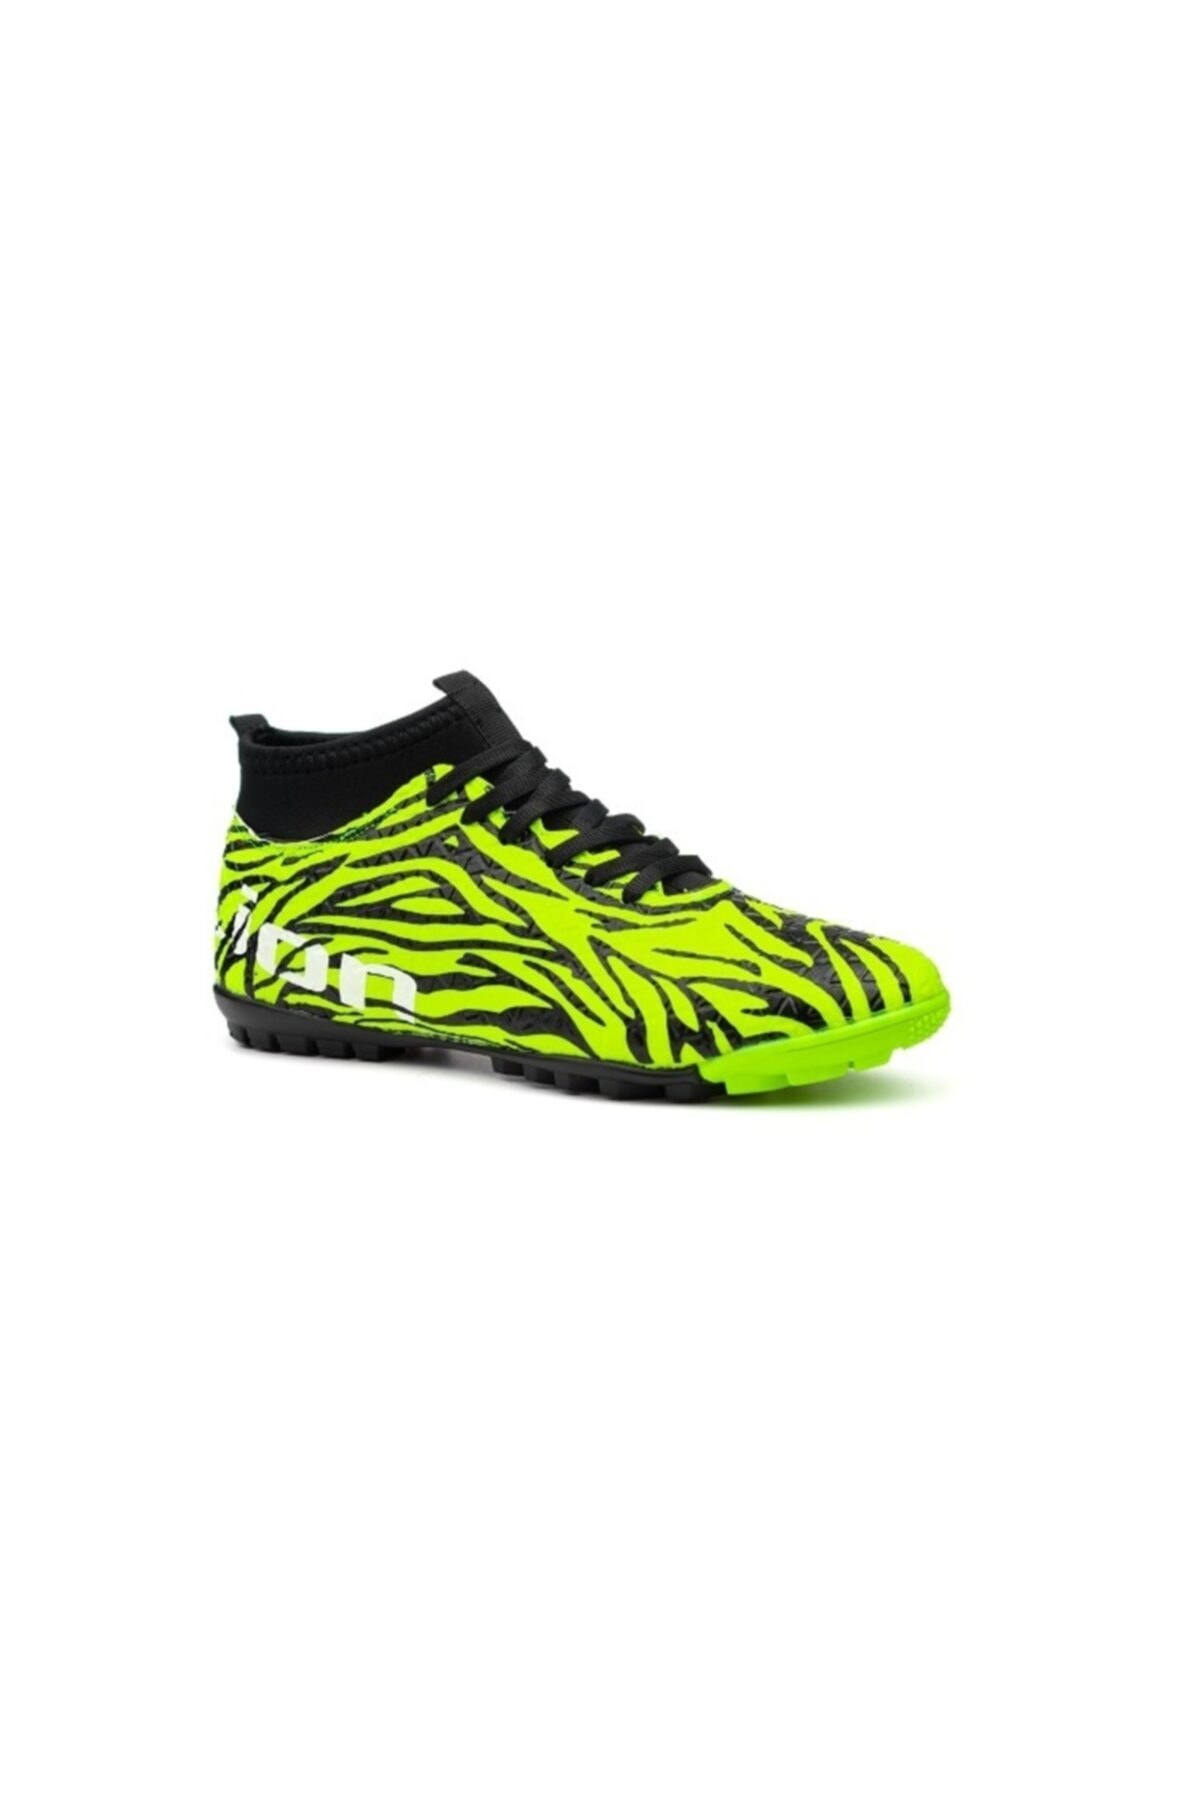 Lion Erkek Çocuk Bilekli Boğazlı Çoraplı Halı Saha Krampon Futbol Spor Ayakkabı 1